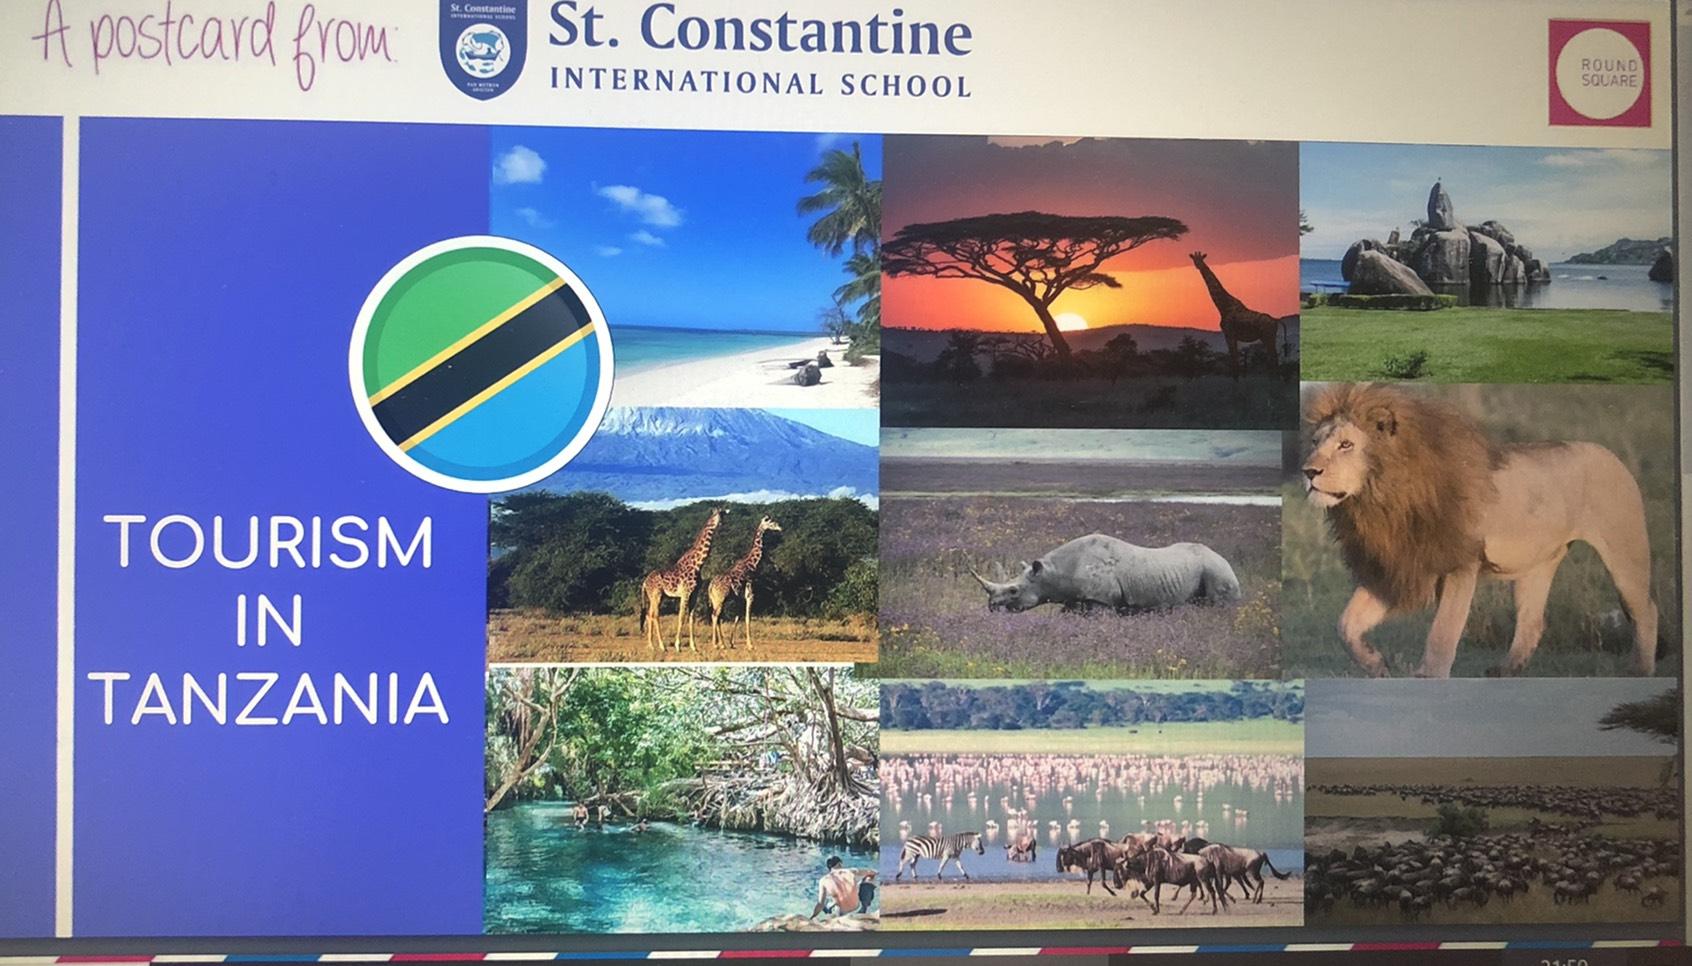 タンザニアのラウンドスクエア加盟校主催のPostcard Zooming Around the Worldに参加しました